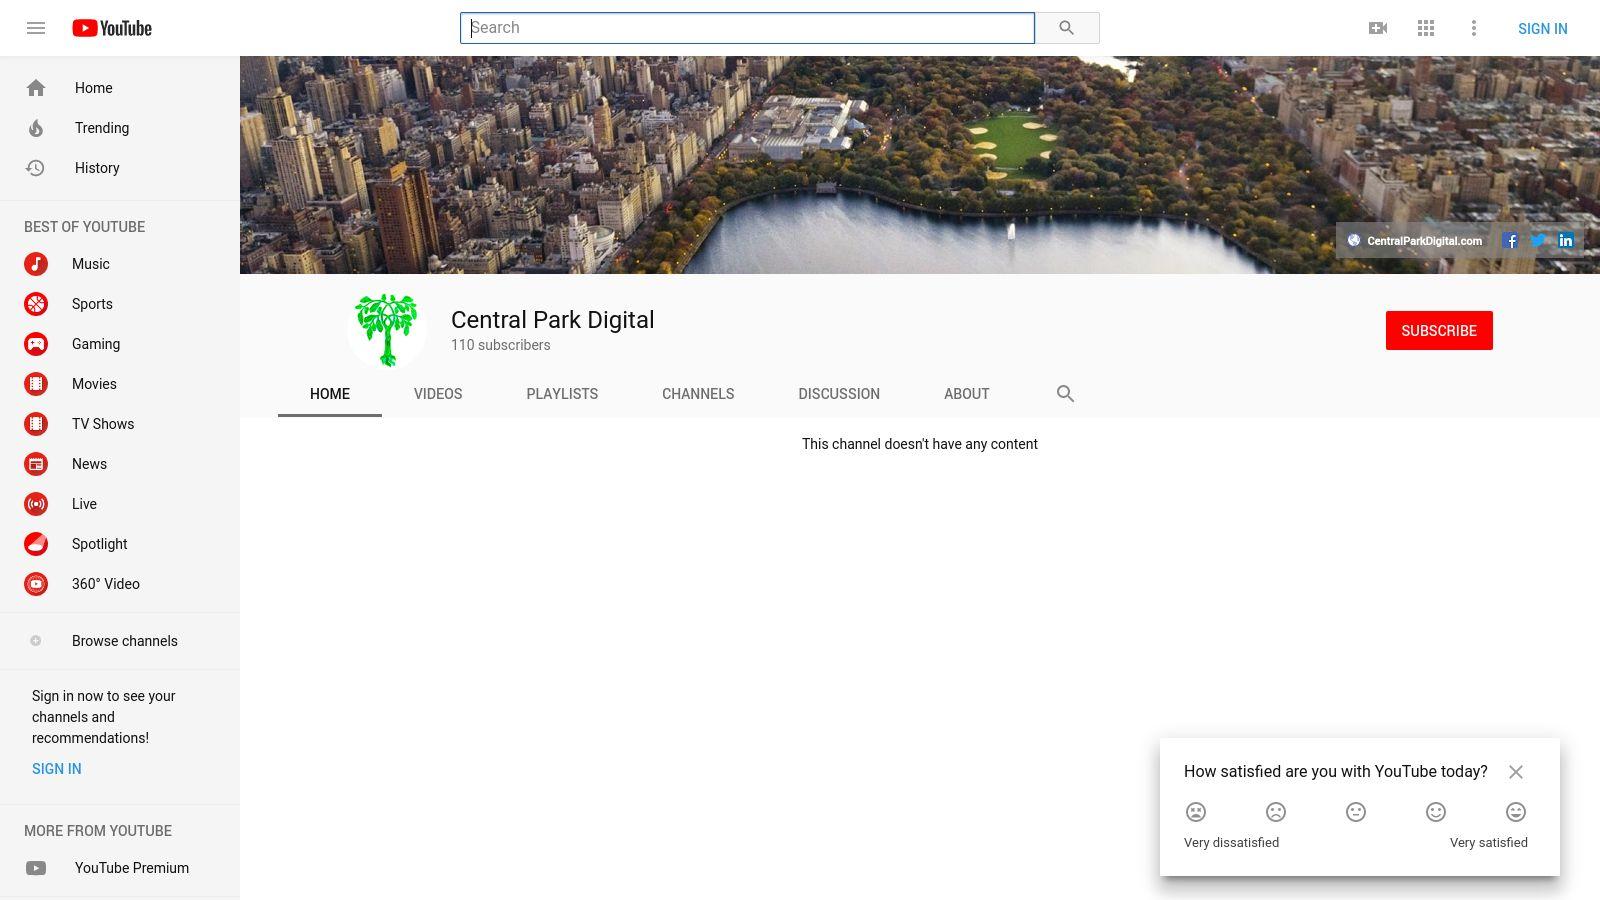 Central Park Digital